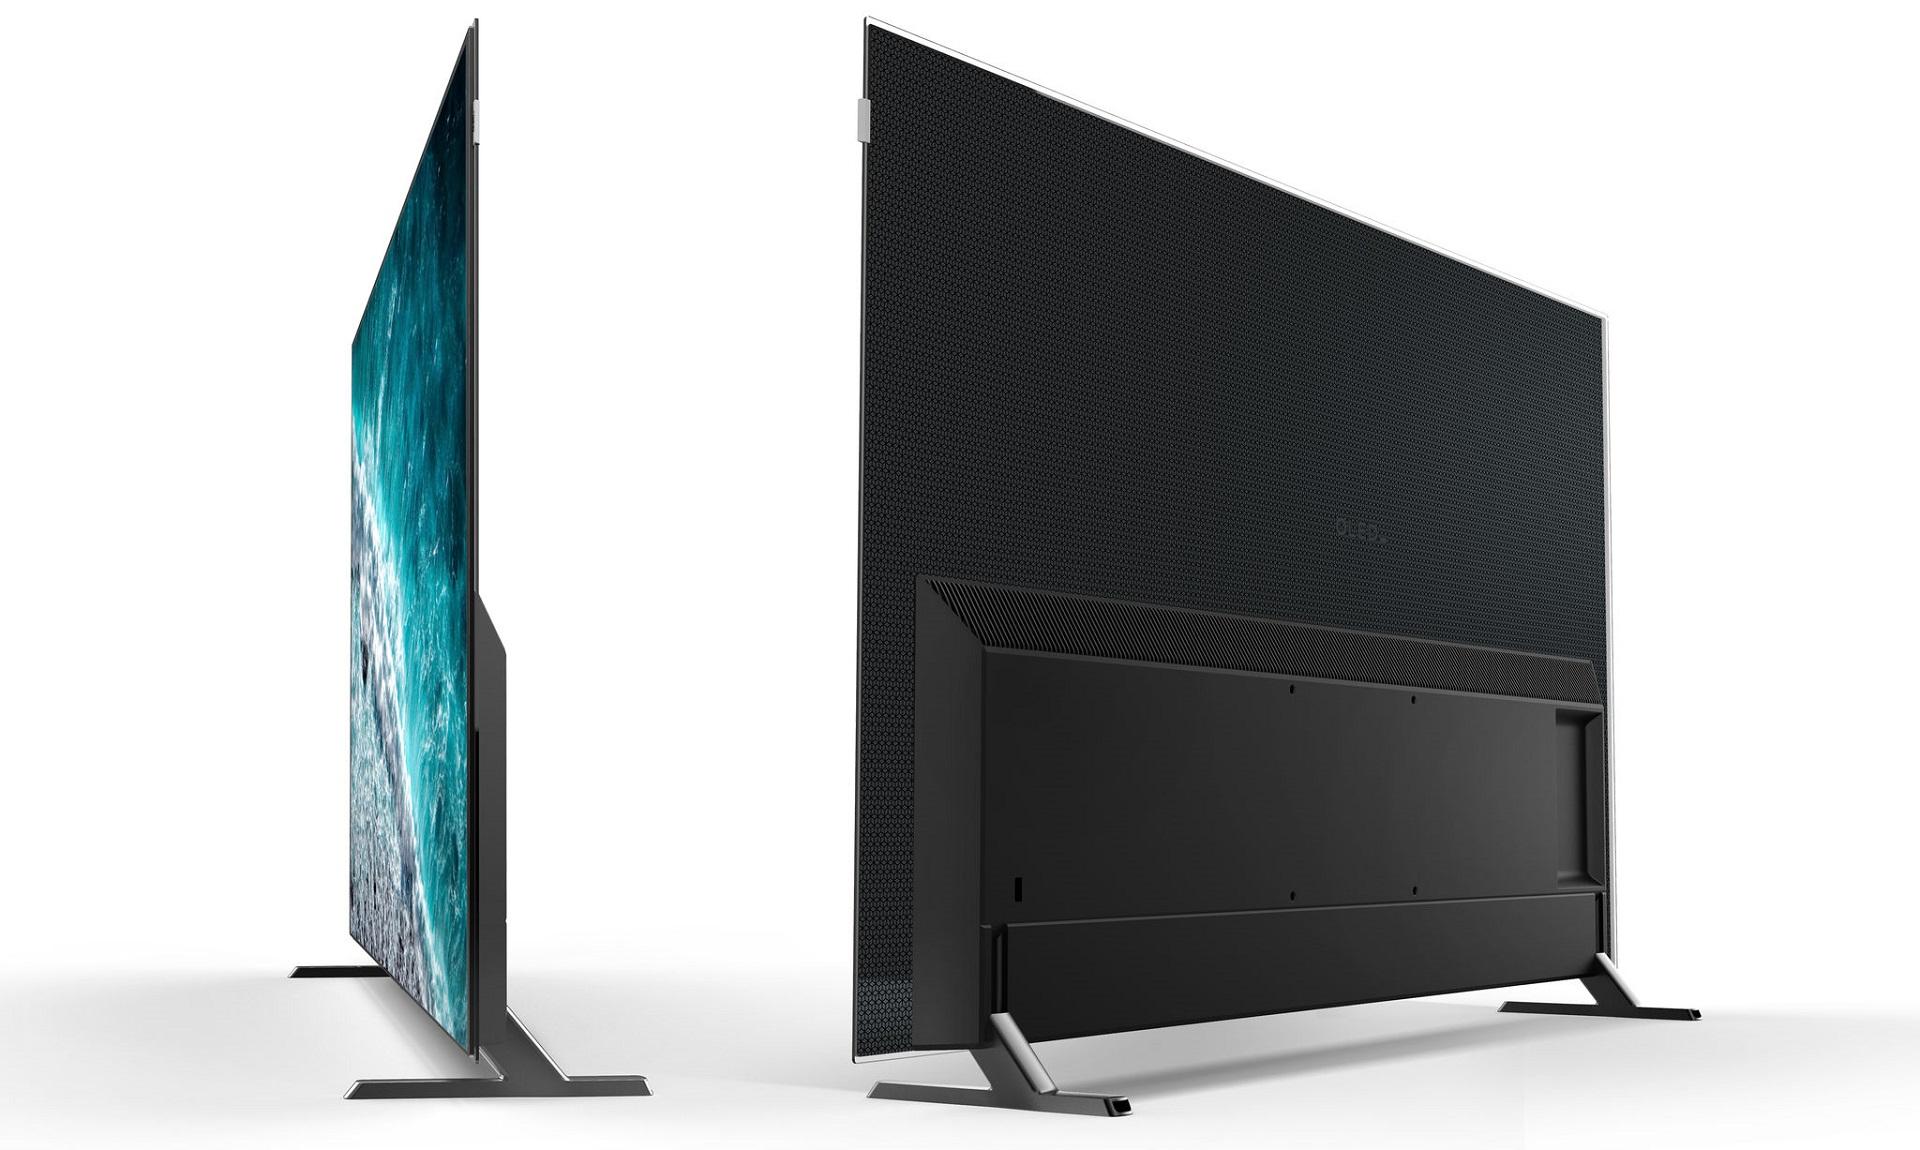 LG gOLED TV